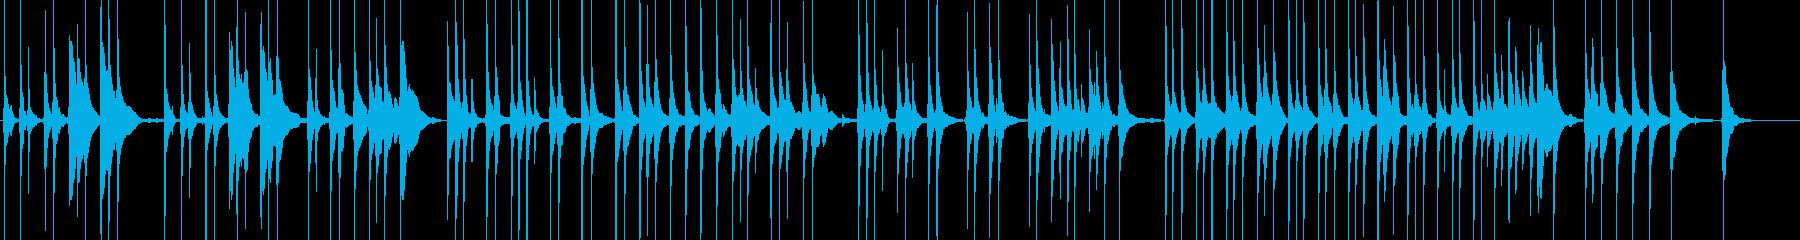 三味線177浅妻船1日本舞踊大津琵琶湖白の再生済みの波形